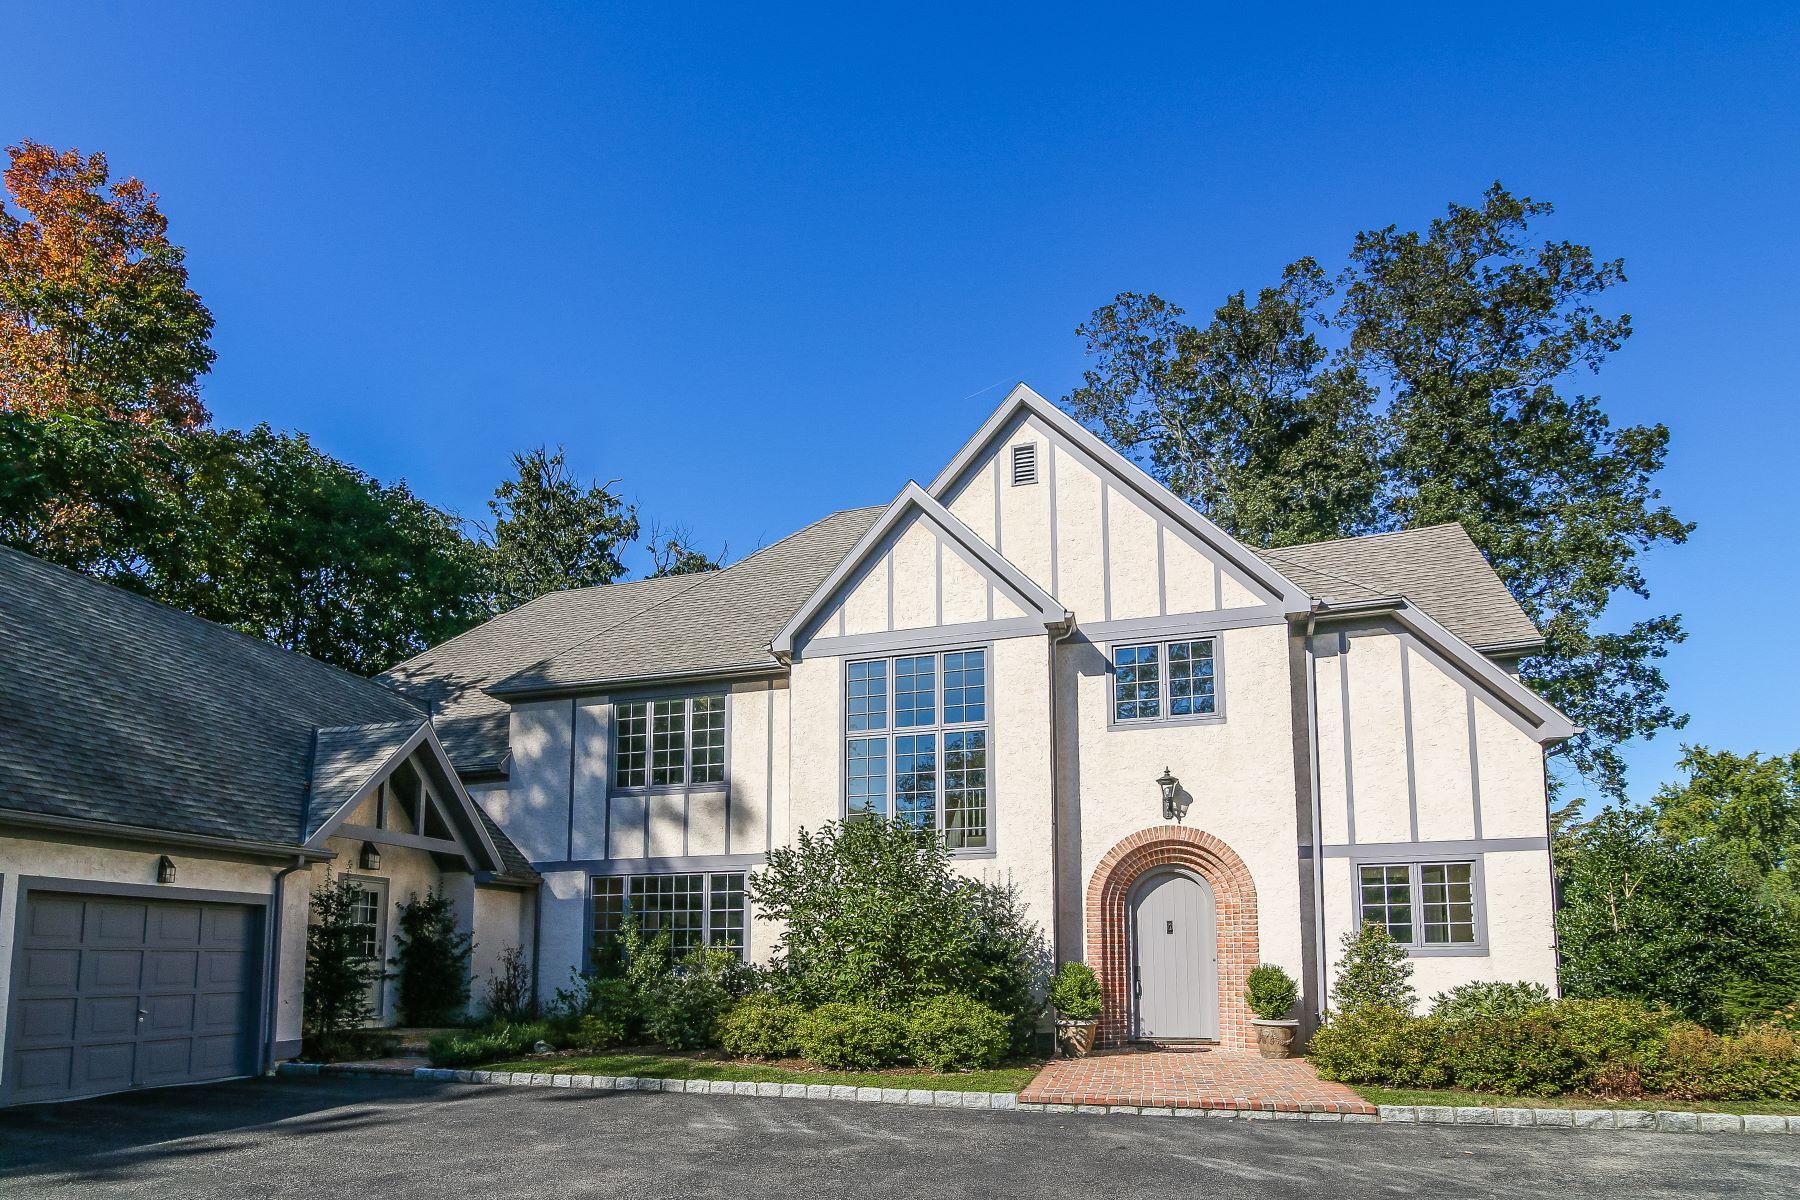 Maison unifamiliale pour l Vente à 1 Stratford Road Harrison, New York, 10528 États-Unis